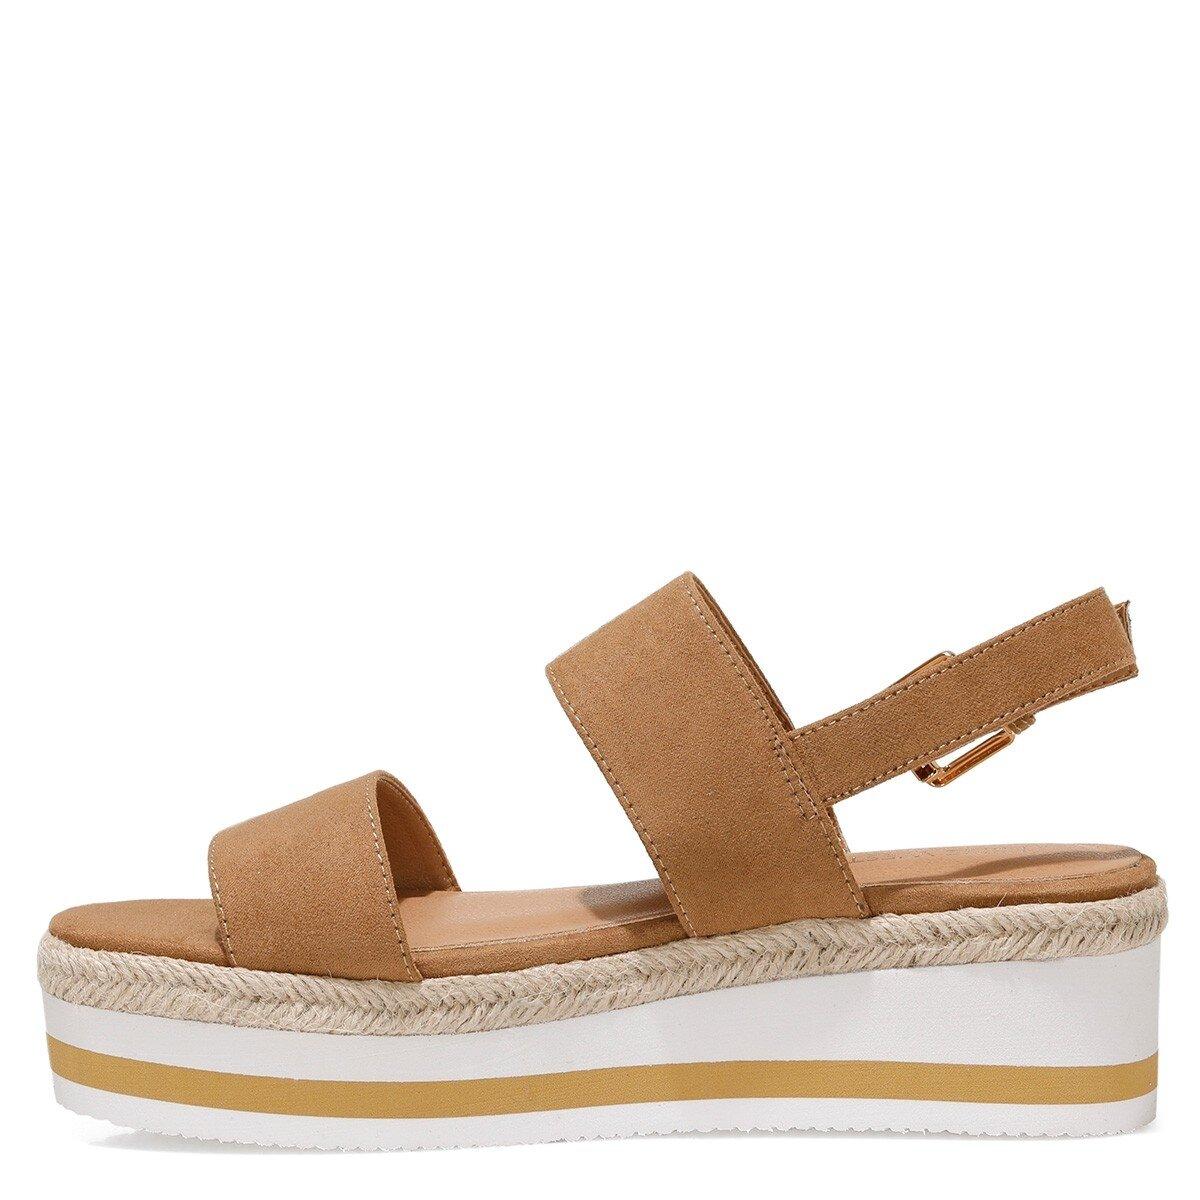 IZZINA 1FX Camel Kadın Sandalet